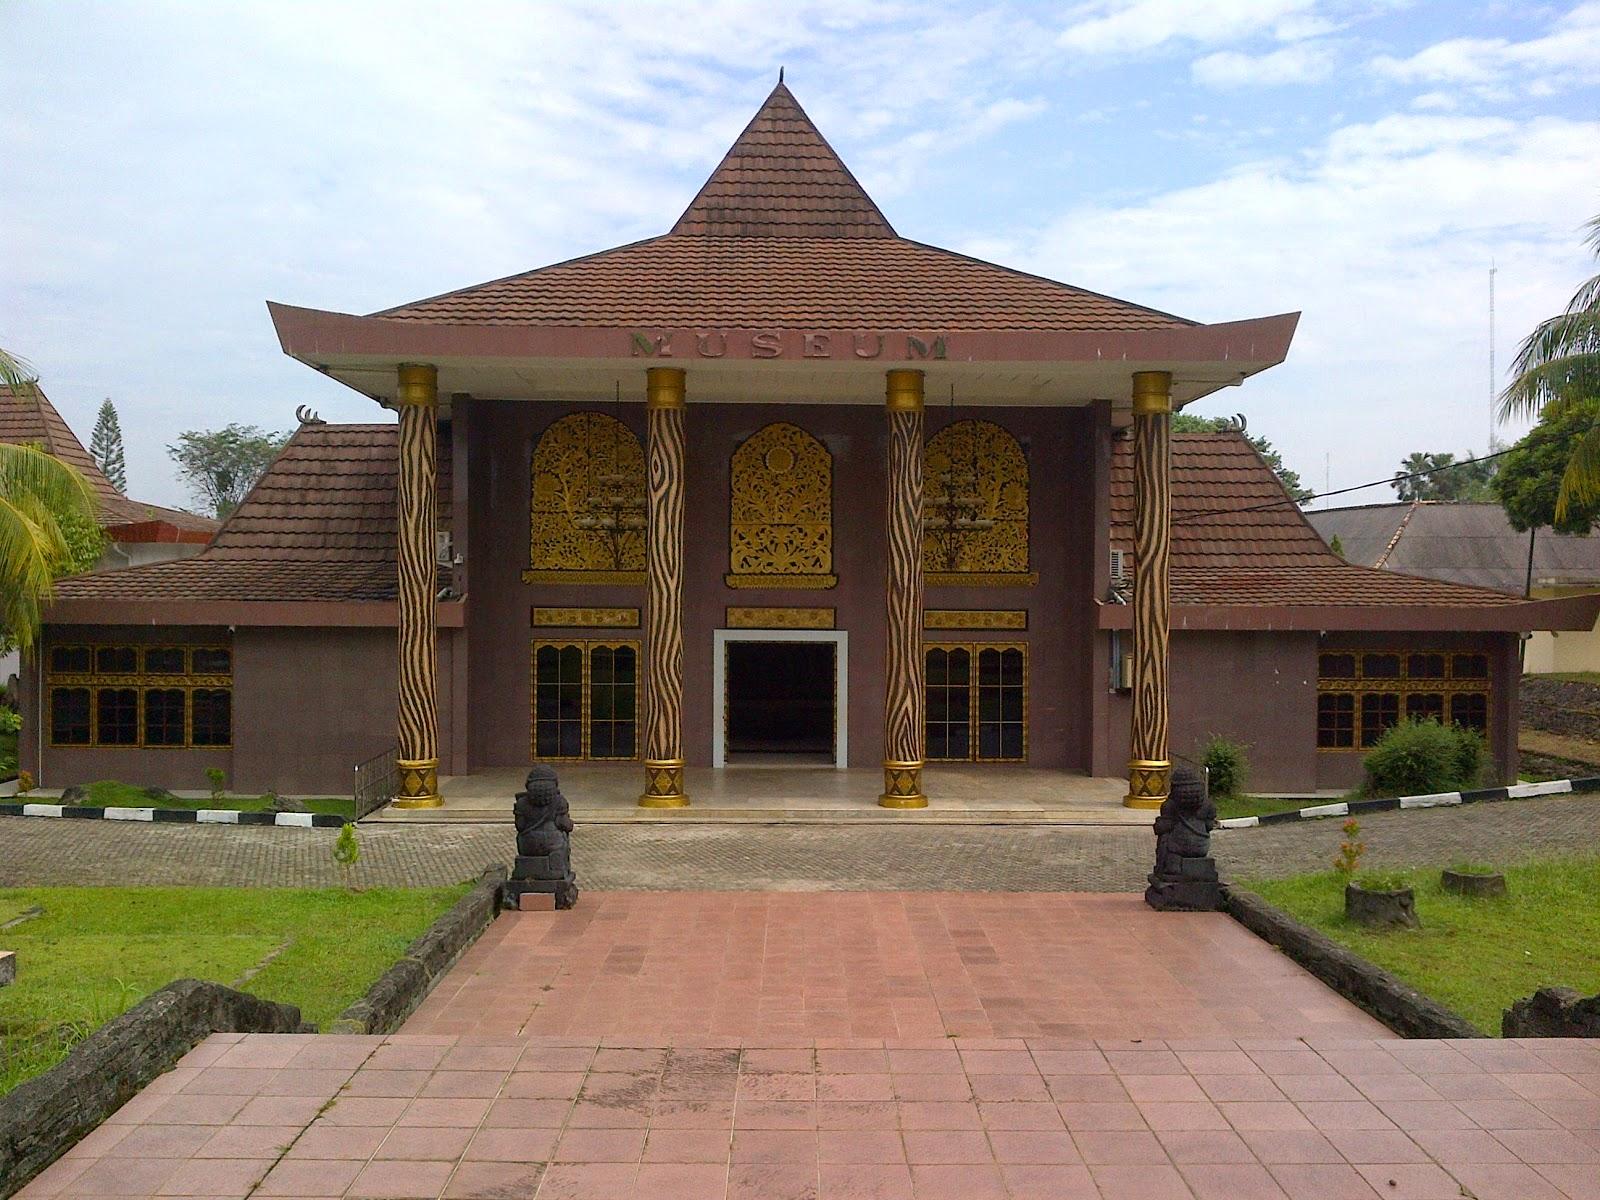 Profil Museum Negeri Sumatera Selatan Balaputra Dewa Diresmikan Tanggal 5